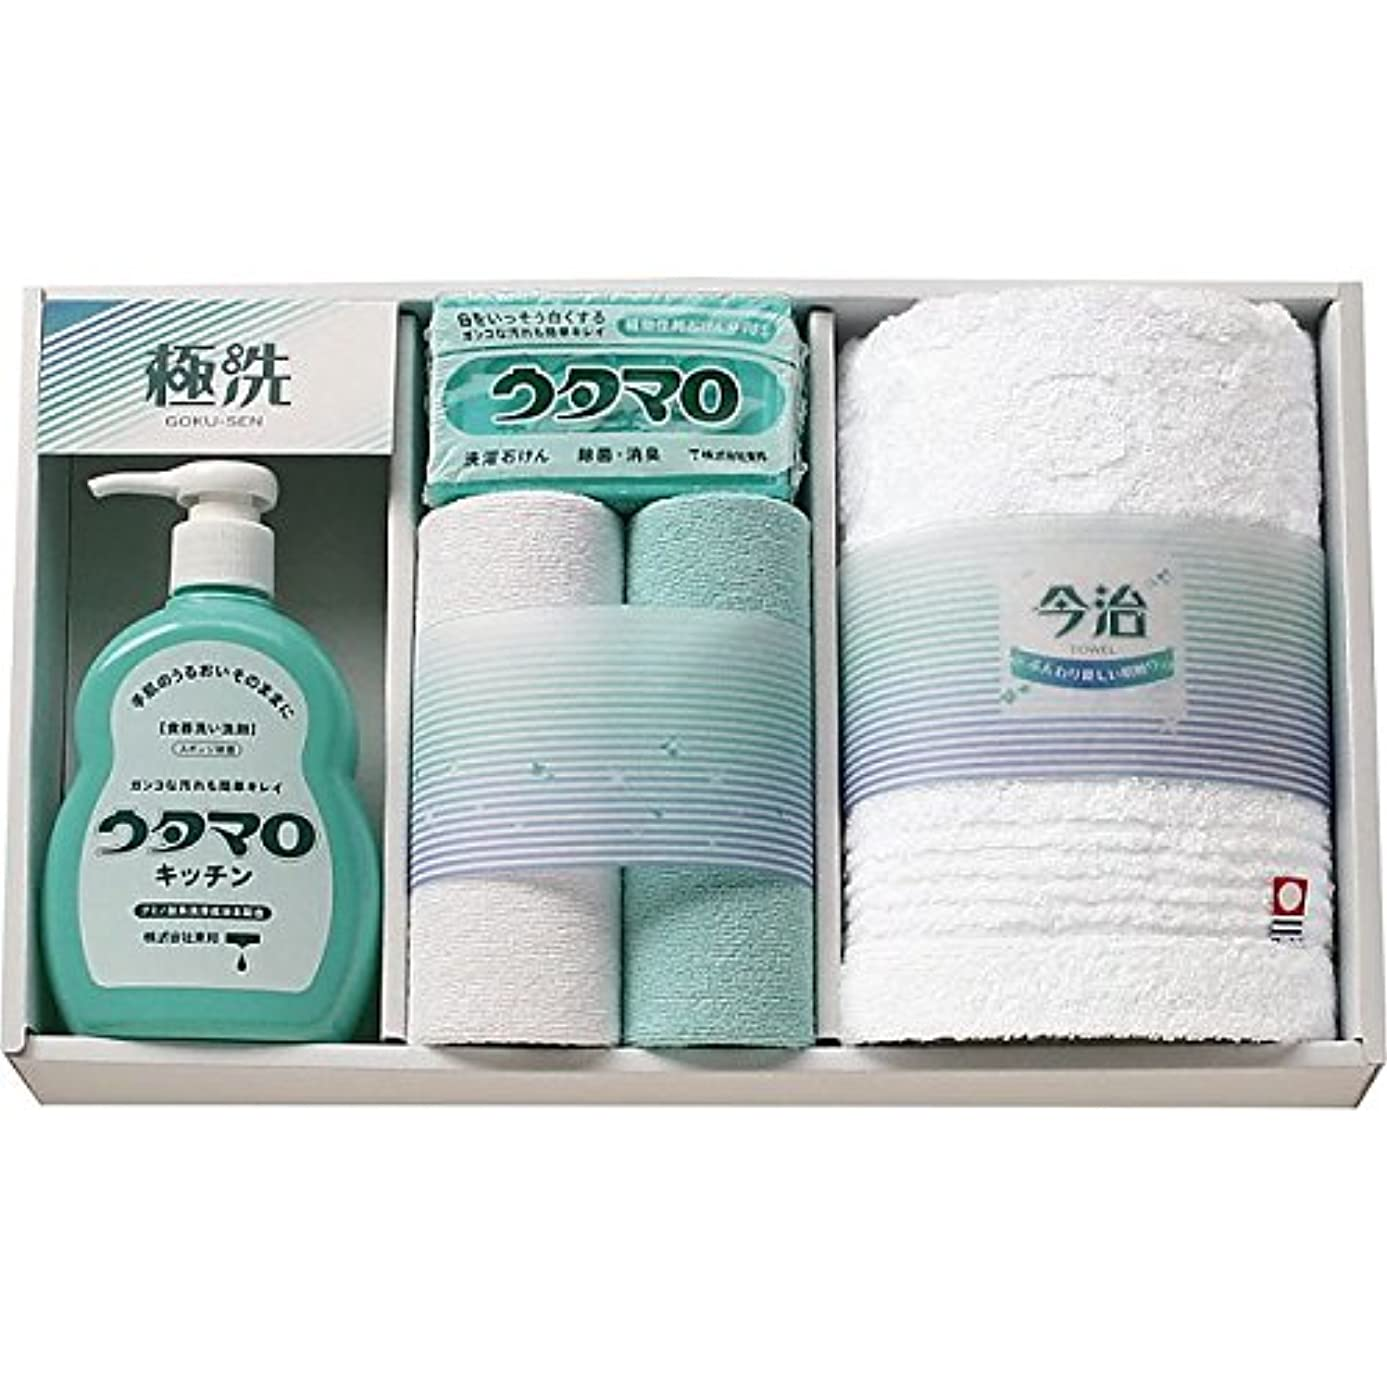 出口ビーズ内陸( ウタマロ ) 石鹸?キッチン洗剤ギフト ( 835-1055r )